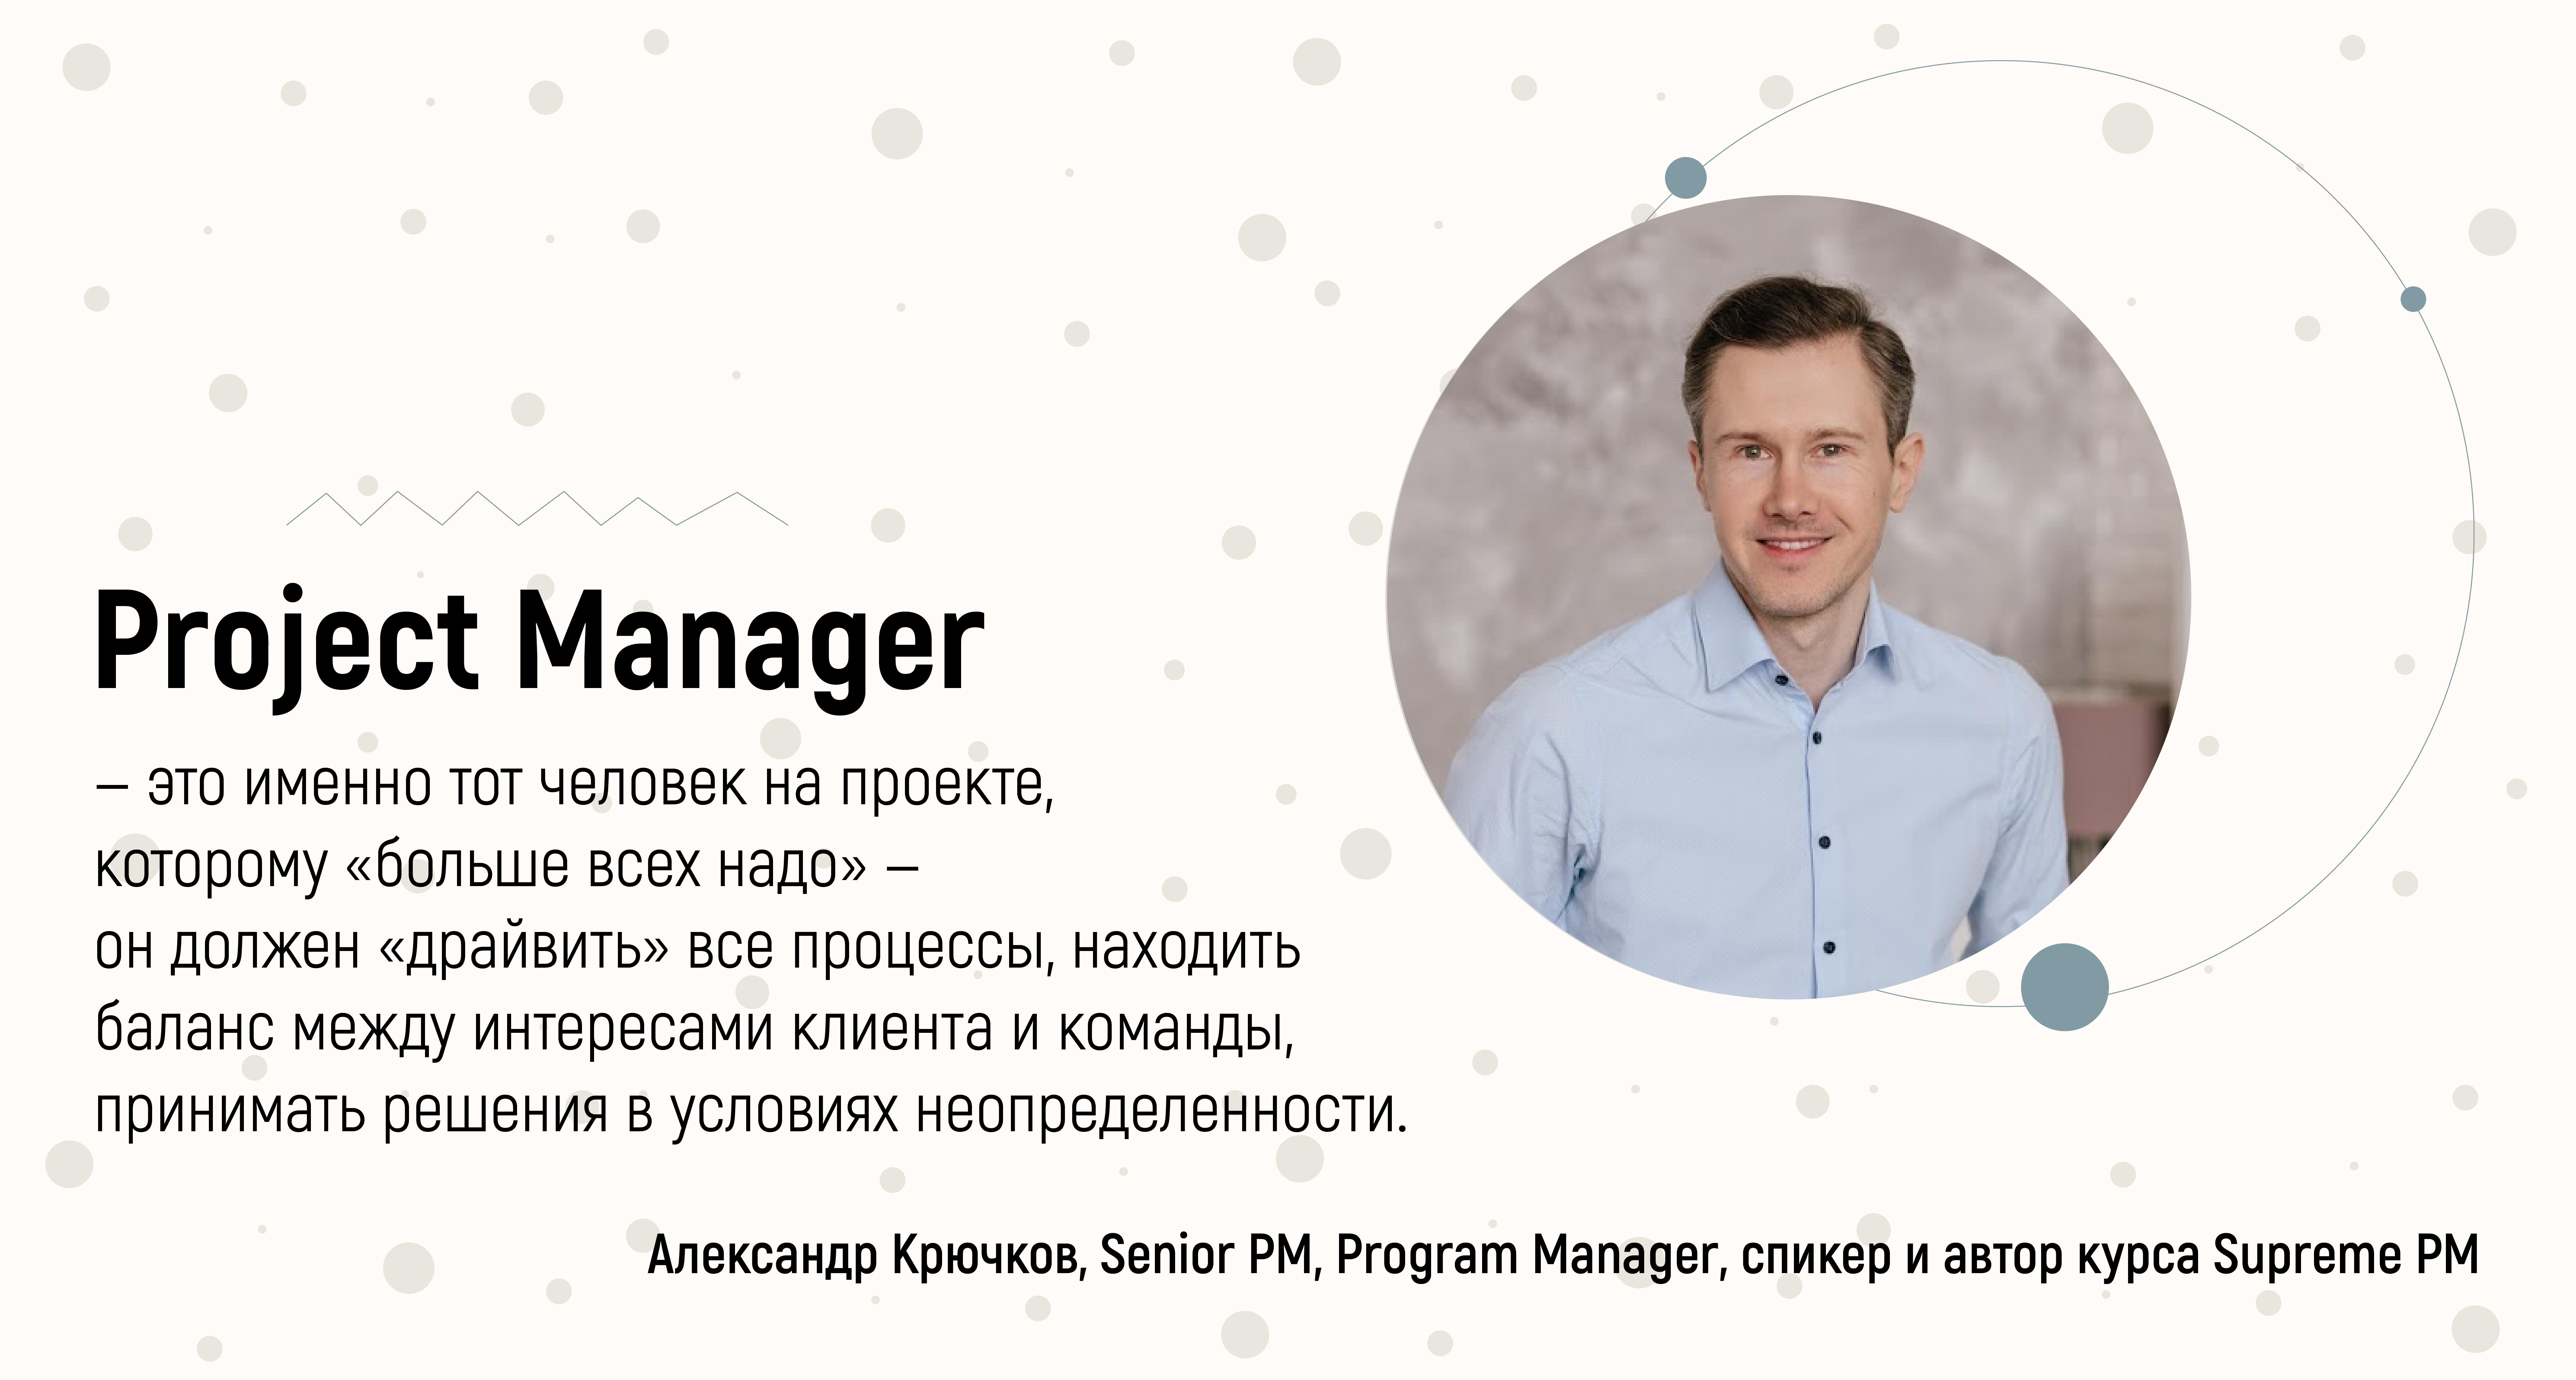 менеджер и предприниматель 1